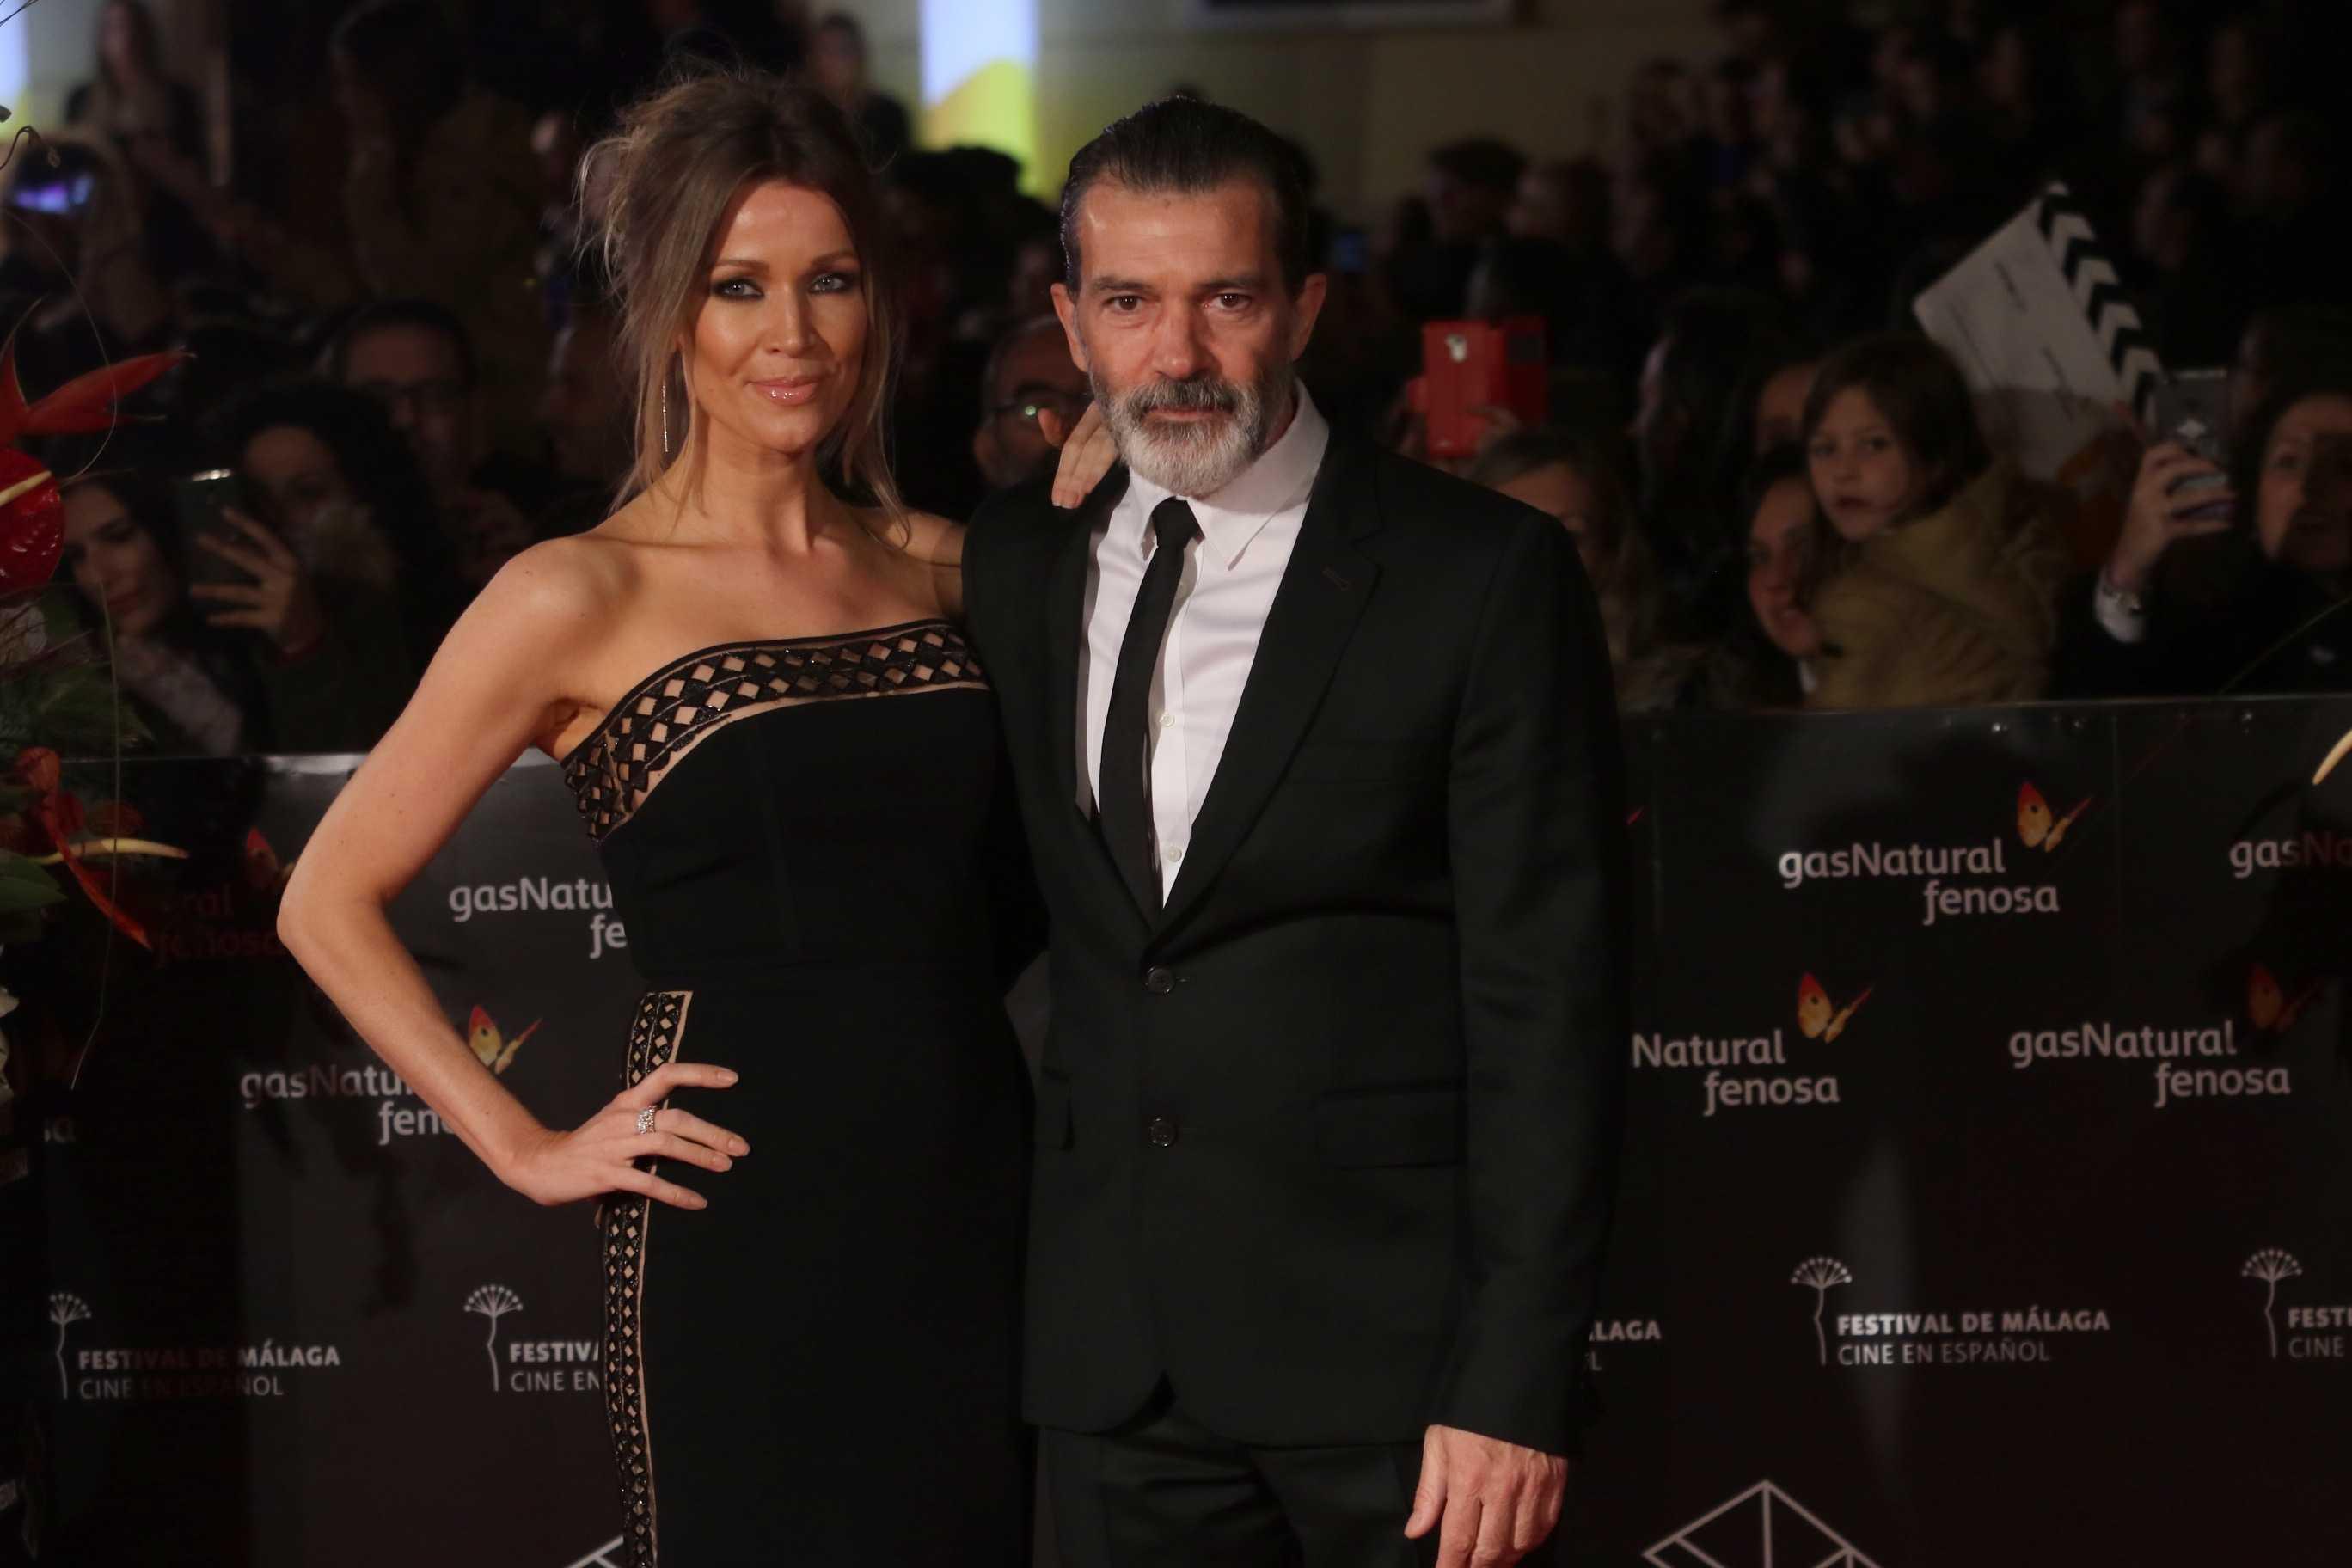 Antonio Banderas y Nicole Kimper posa en alfombra roja de la 20 edicición del festival de cine en español en Malaga en la clausura